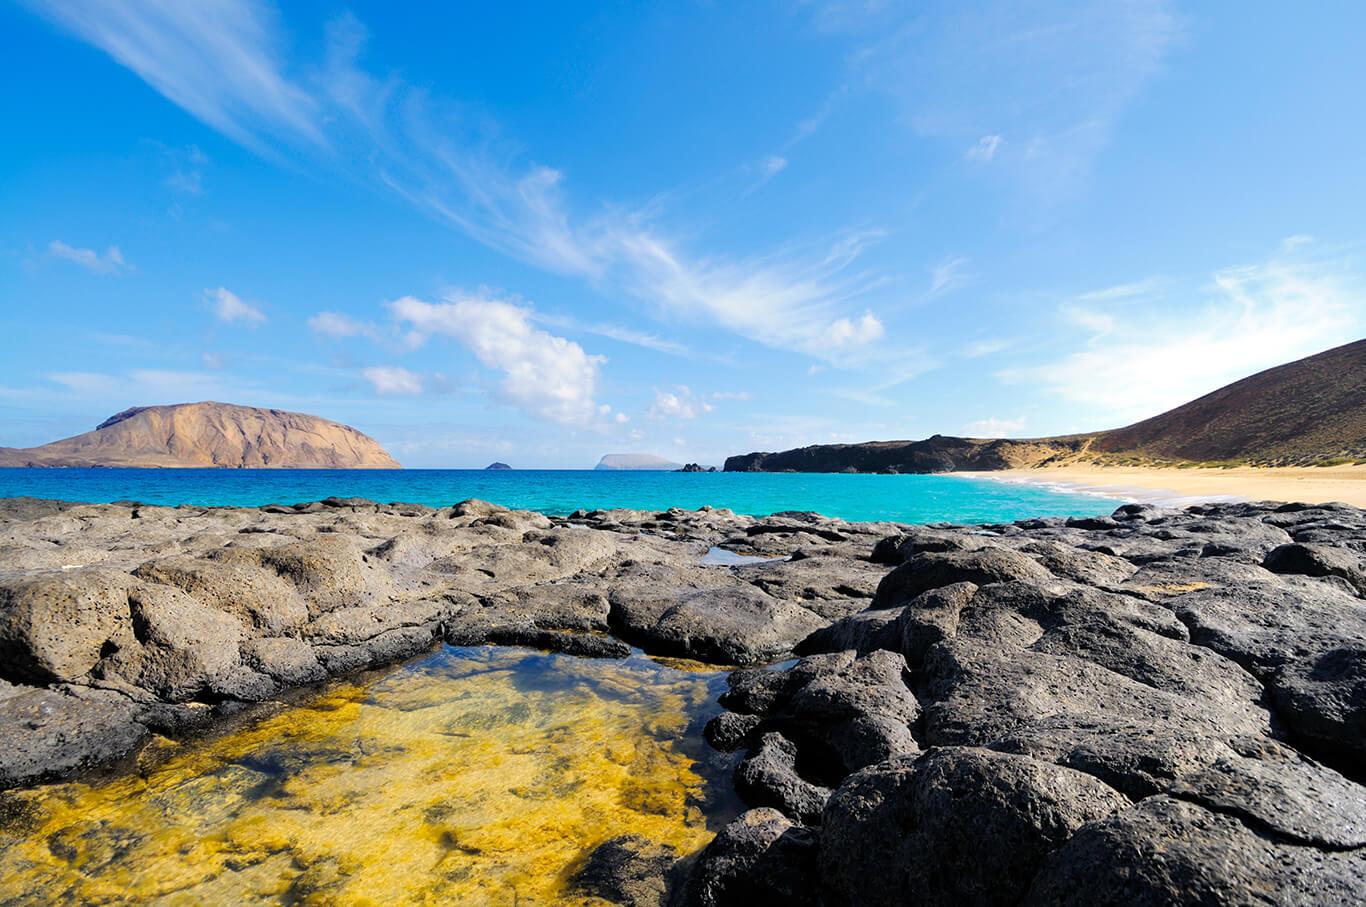 Fuerteventura - Playa las Conchas